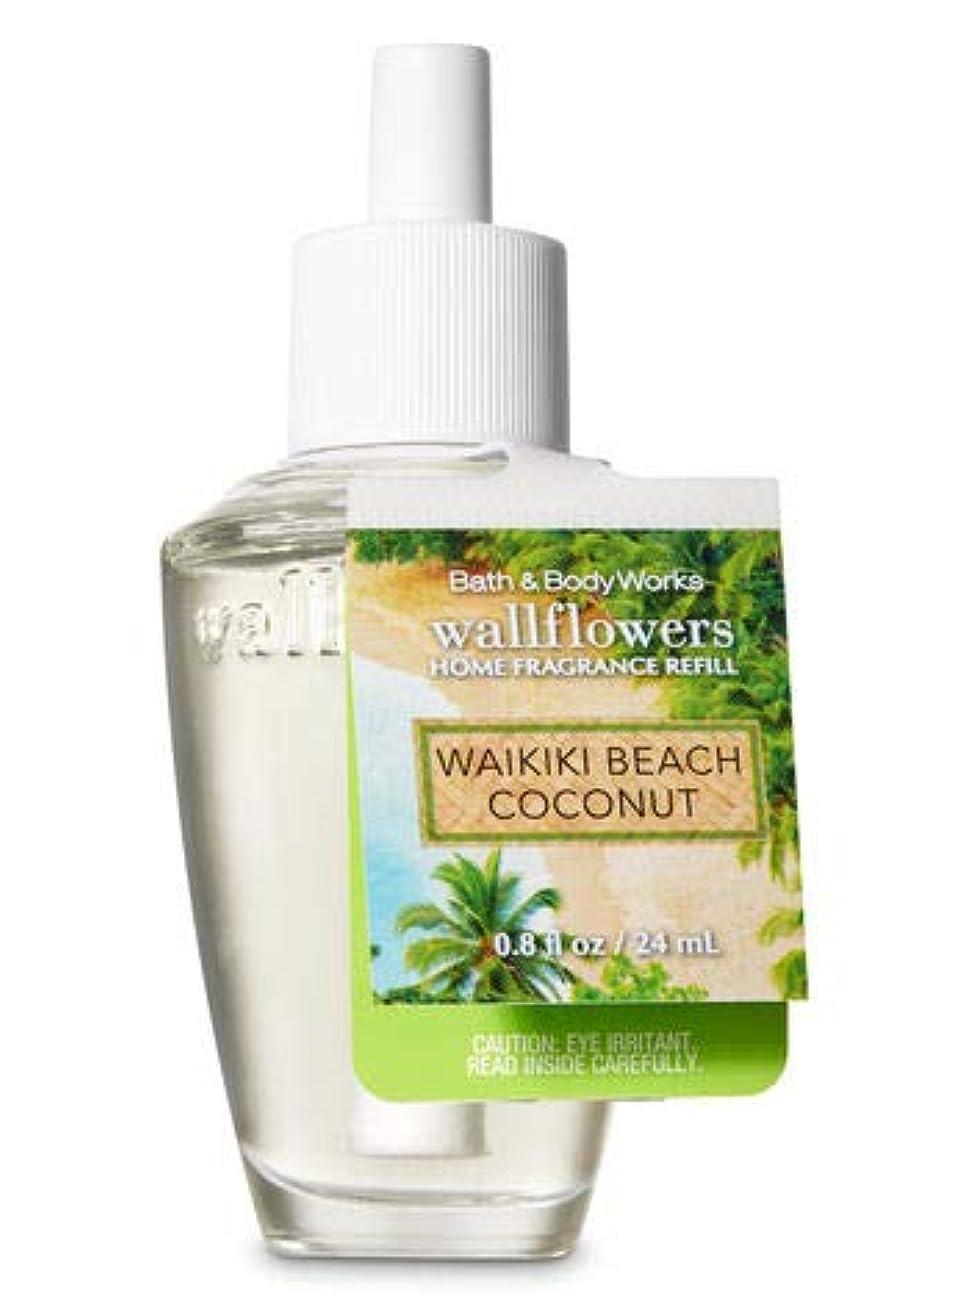 木故意の毛皮【Bath&Body Works/バス&ボディワークス】 ルームフレグランス 詰替えリフィル ワイキキビーチココナッツ Wallflowers Home Fragrance Refill Waikiki Beach Coconut [並行輸入品]